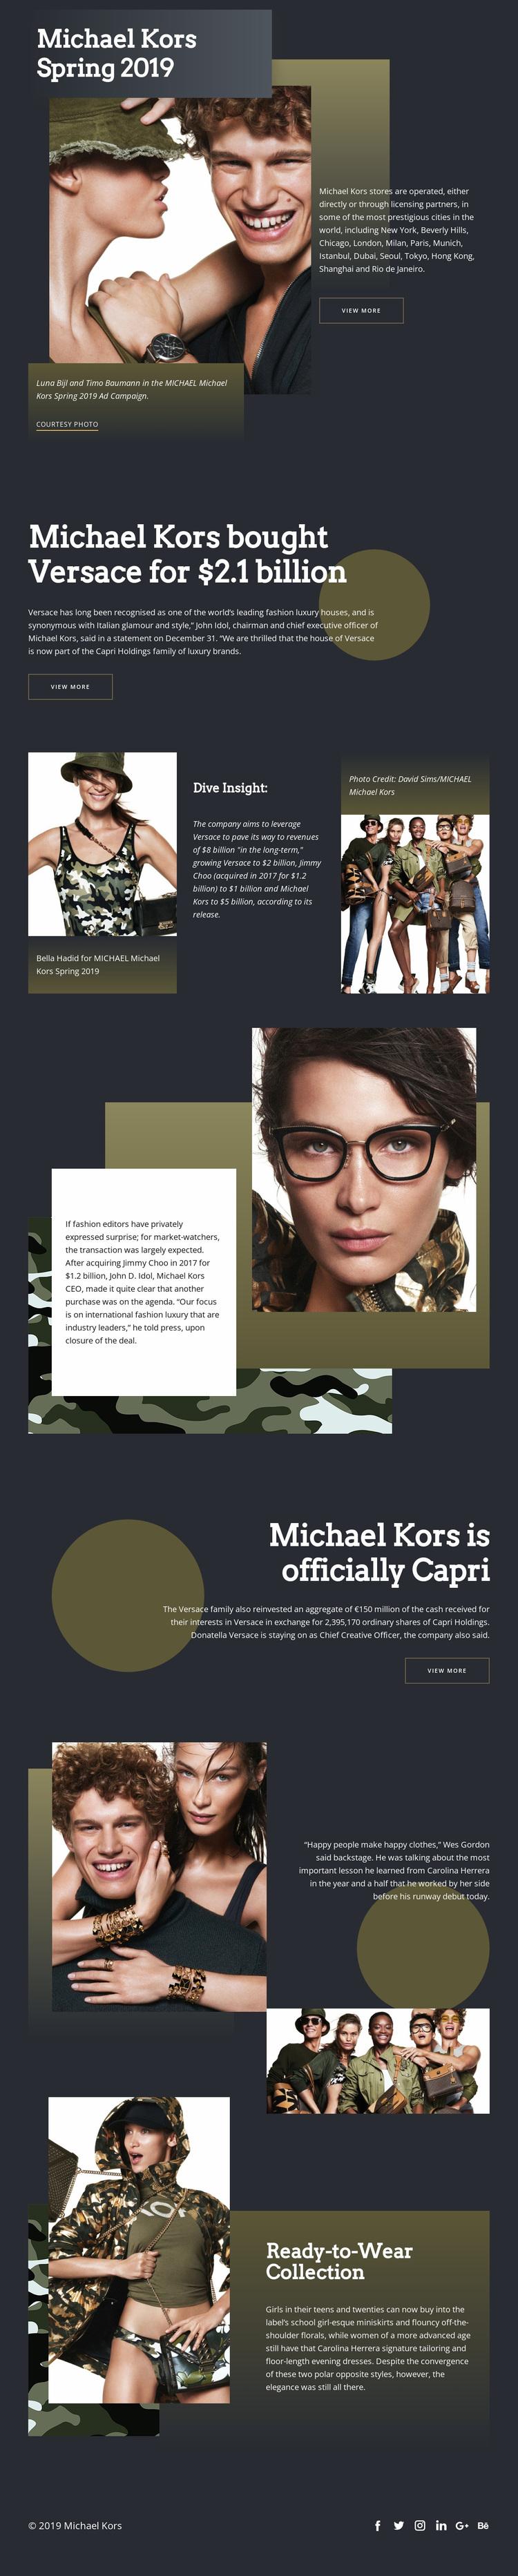 Michael Kors Dark Website Design